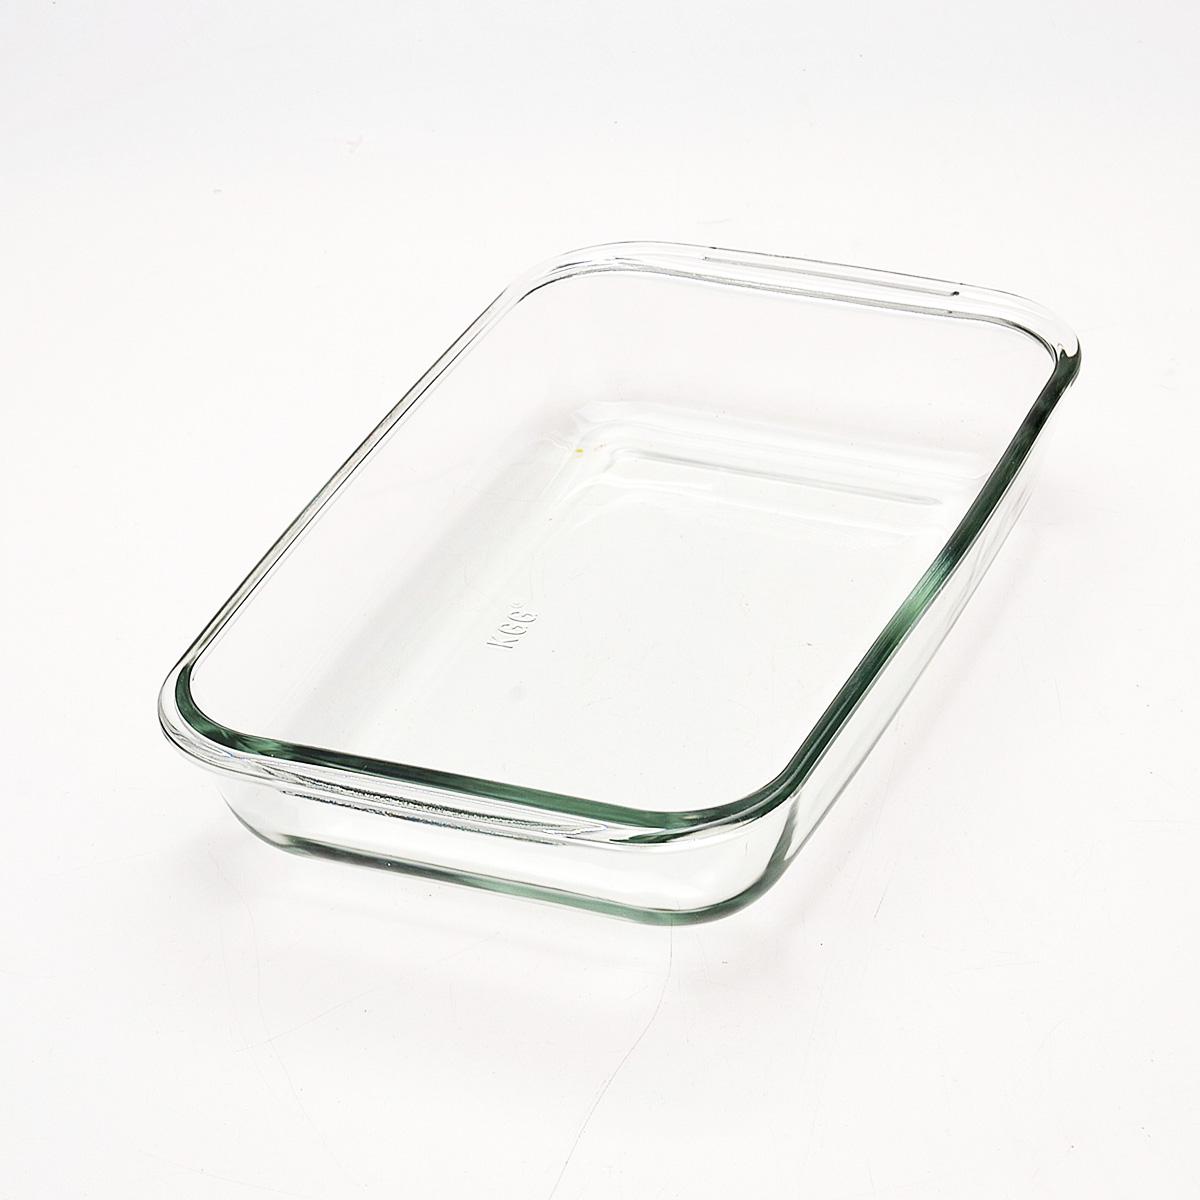 Жаровня Loraine, прямоугольная, 1,6 л20675Прямоугольная жаровня Loraine изготовлена из жаропрочного боросиликатного прозрачного стекла. Стеклянная посуда идеальна для запекания, так как стекло - это экологически чистый, износостойкий и долговечный материал, к которому не прилипает пища, в такой посуде пища сохраняет все свои полезные вещества и микроэлементы. Емкость идеальна для запекания в духовке птицы и мяса, для приготовления лазаньи, запеканки и даже пирогов.С жаровней Loraine вы всегда сможете порадовать своих близких оригинальной выпечкой.Подходит для использования в духовке при температуре до +400°С, в морозильной камере при температуре до -40°С. Можно использовать в микроволновой печи. Подходит для мытья в посудомоечной машине. Размер (с учетом ручек): 29,6 см х 17,9 см.Размер (без учета ручек): 26 см х 16,5 см.Высота стенки: 5 см.